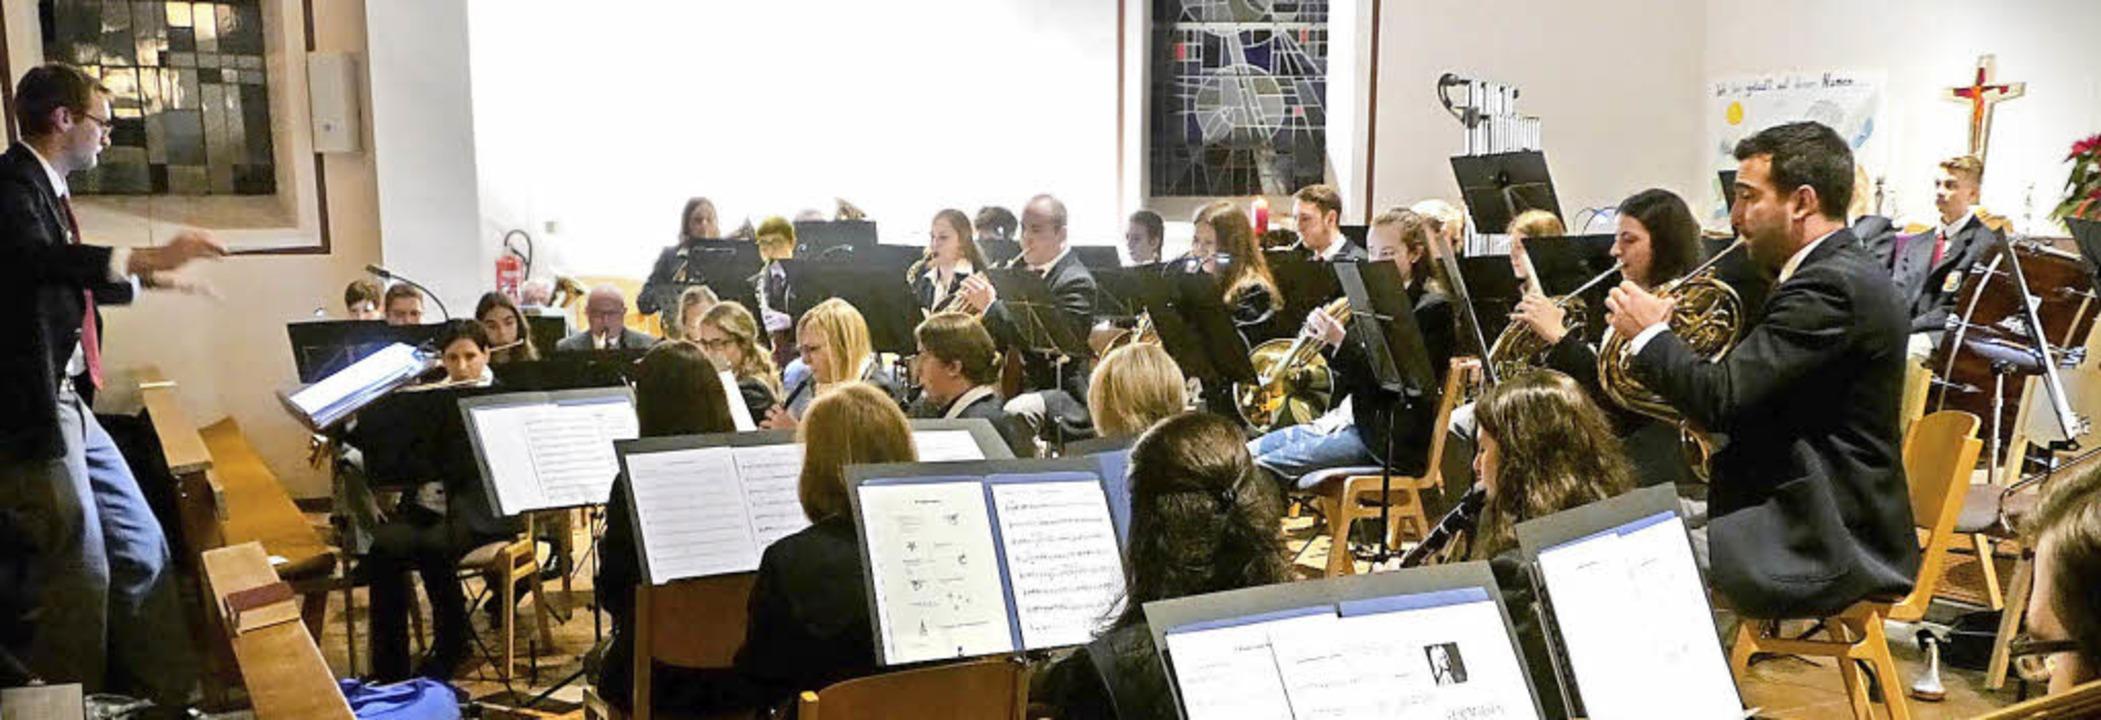 Philipp Kaiser dirigierte das Orcheste...ufführung seiner Kompositionen selbst.  | Foto: Ch. Hülter-hassler